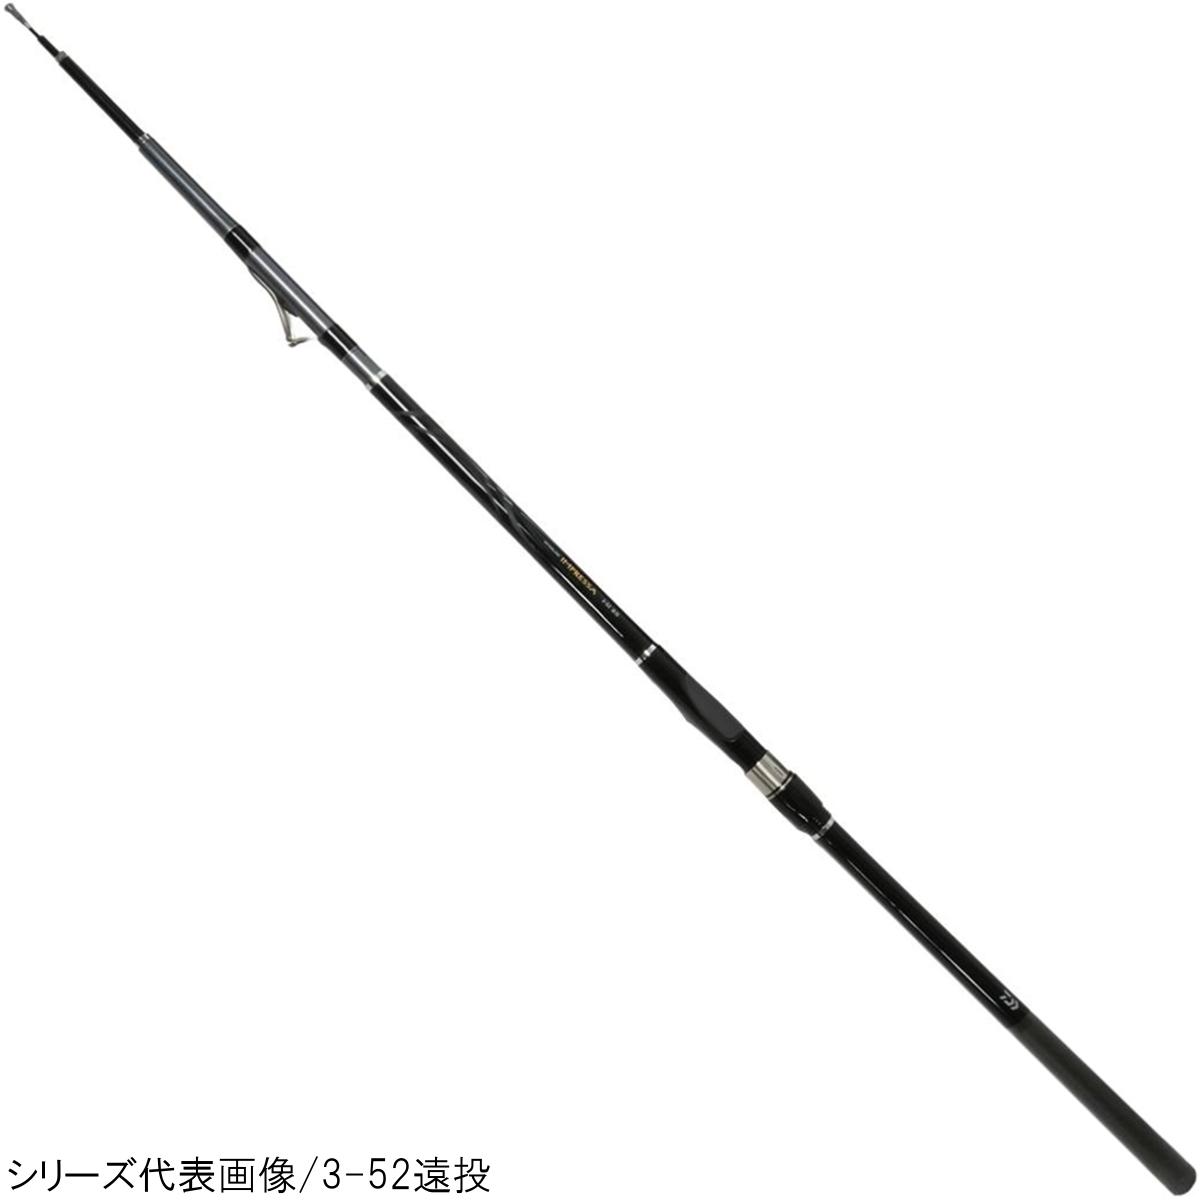 IL インプレッサ 4-52遠投 ダイワ【同梱不可】